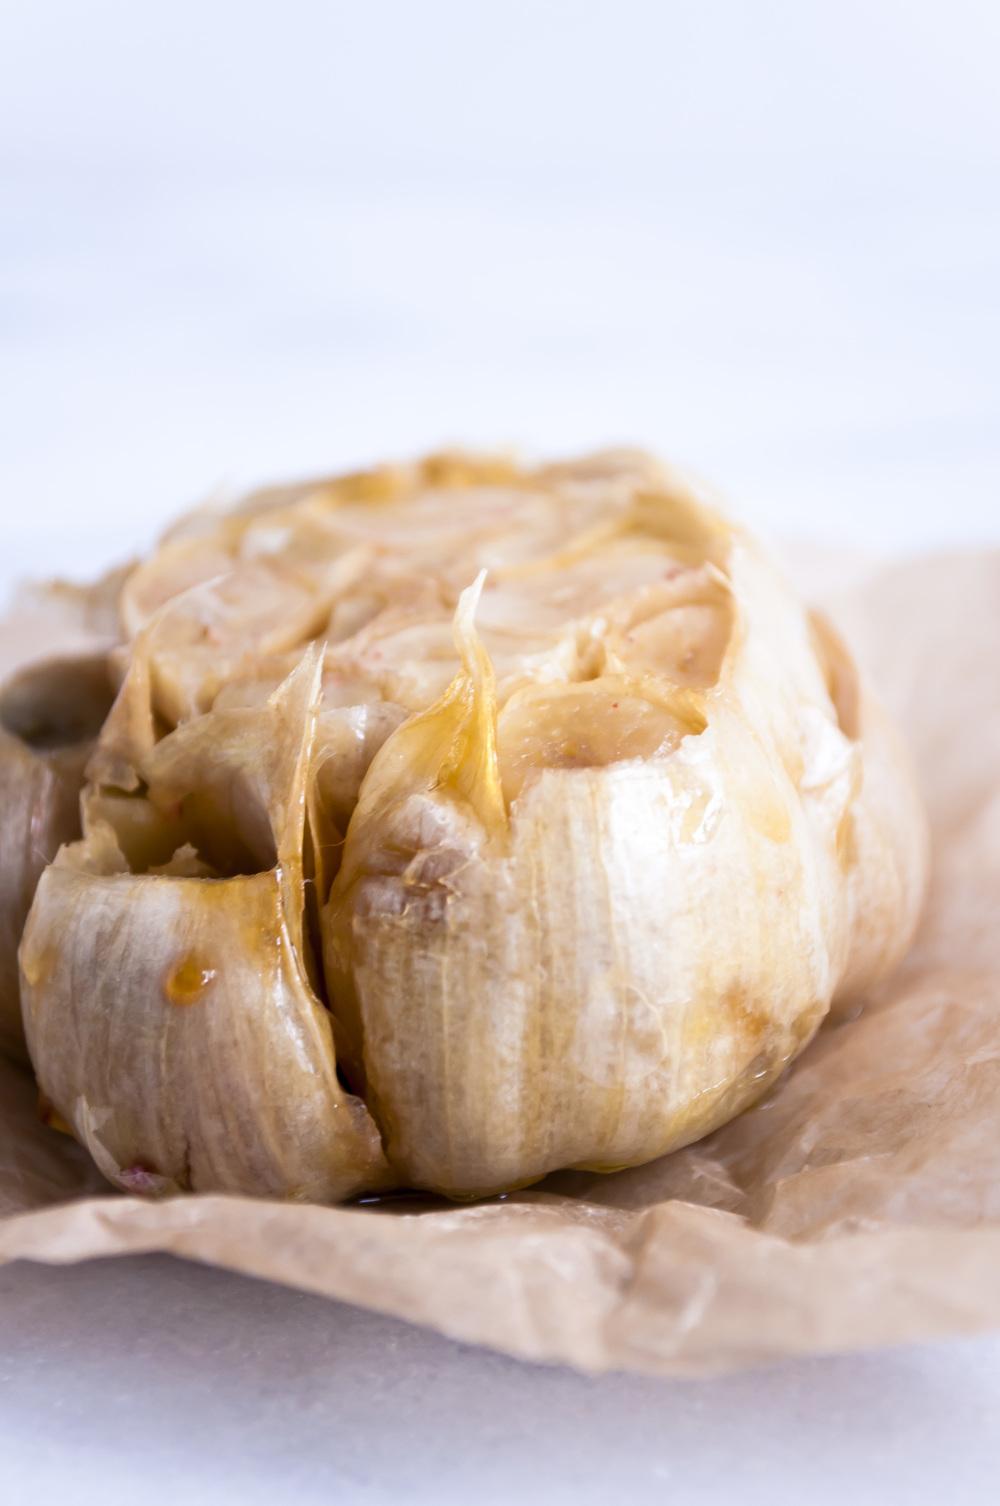 Roasted Whole Garlic